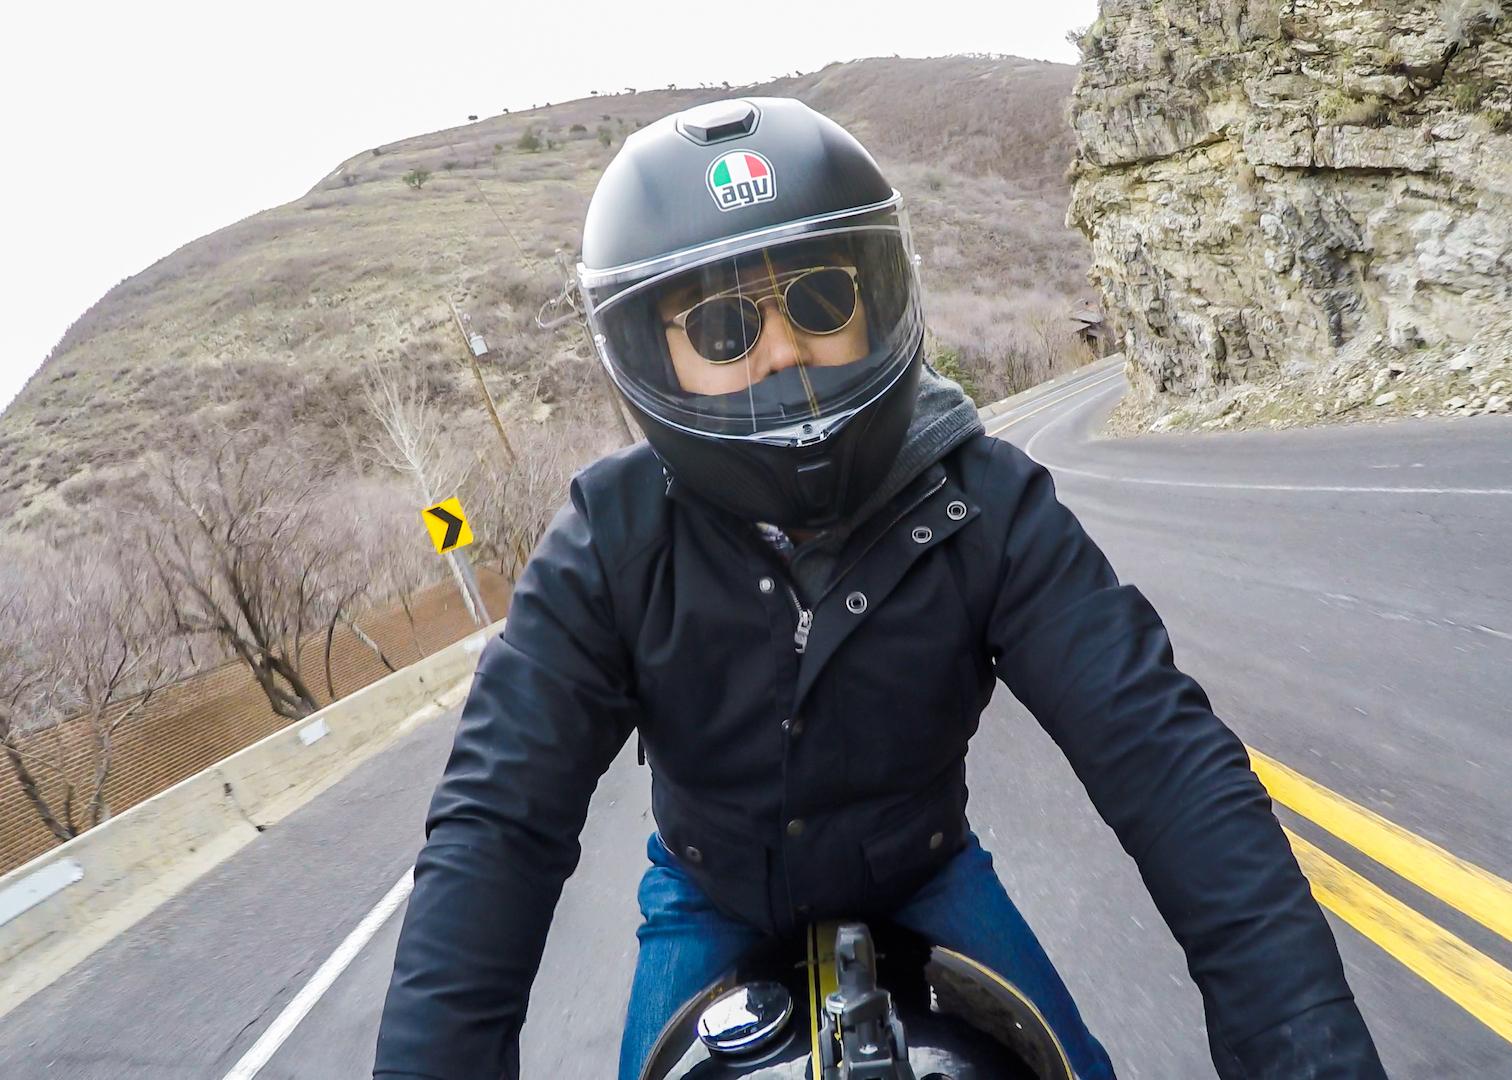 Agv Sport Modular Helmet First Impression Sideroist